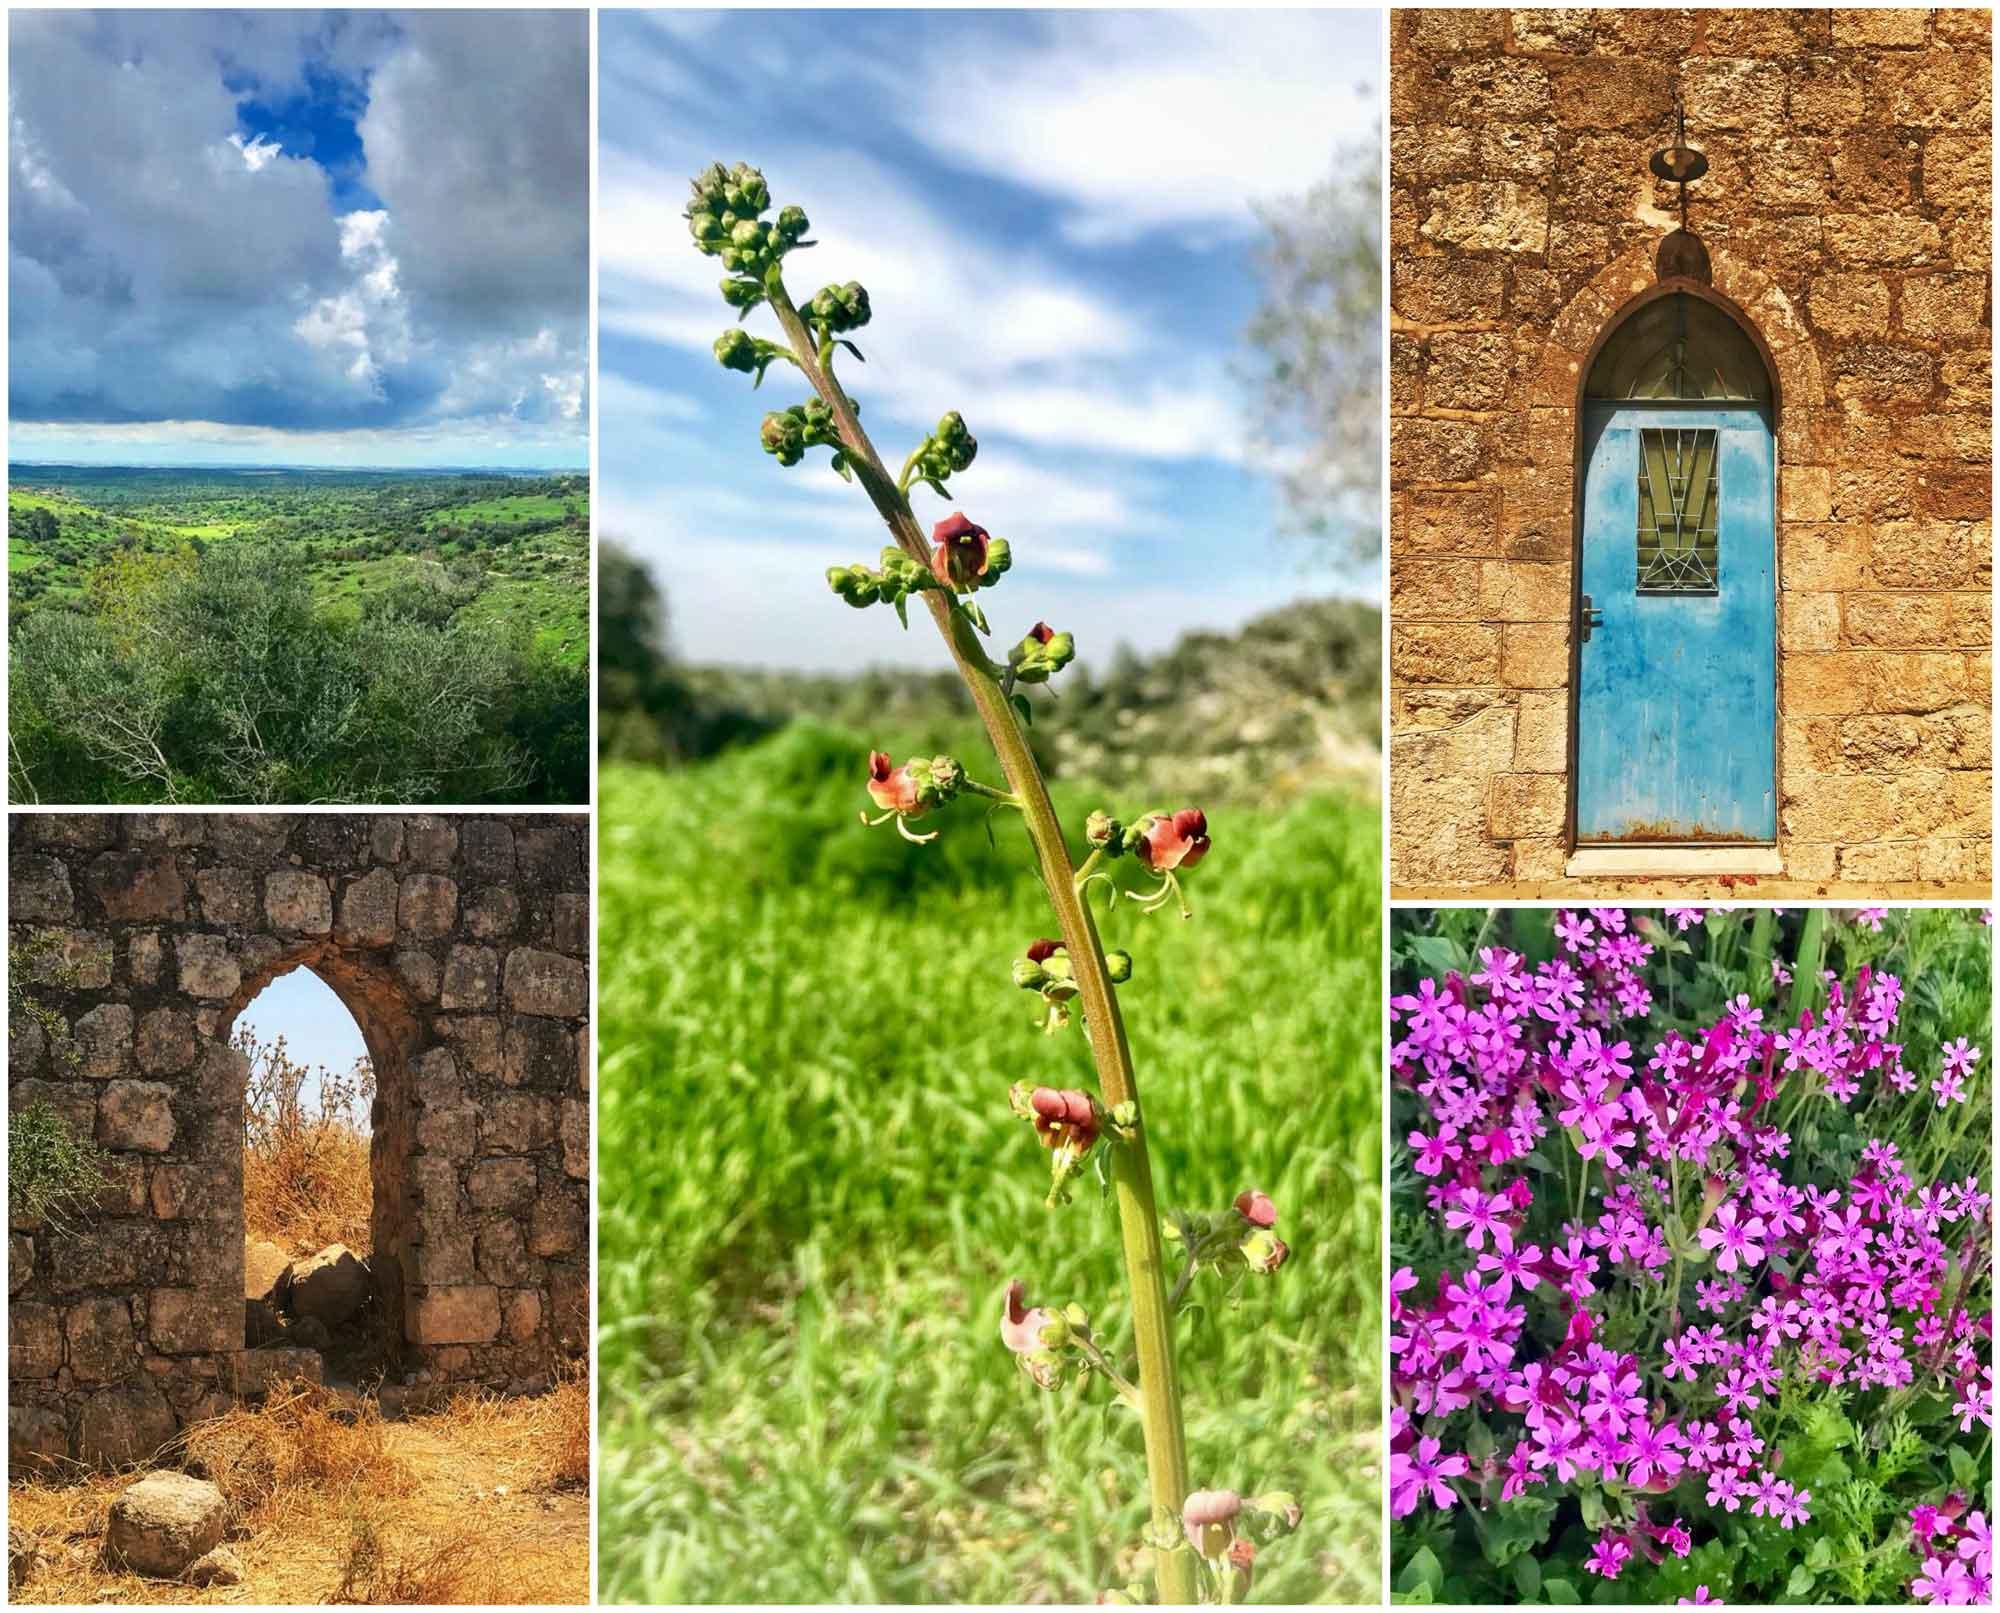 סיור טבע ונוף בעמק האלה, צילום טבע, צילום נוף